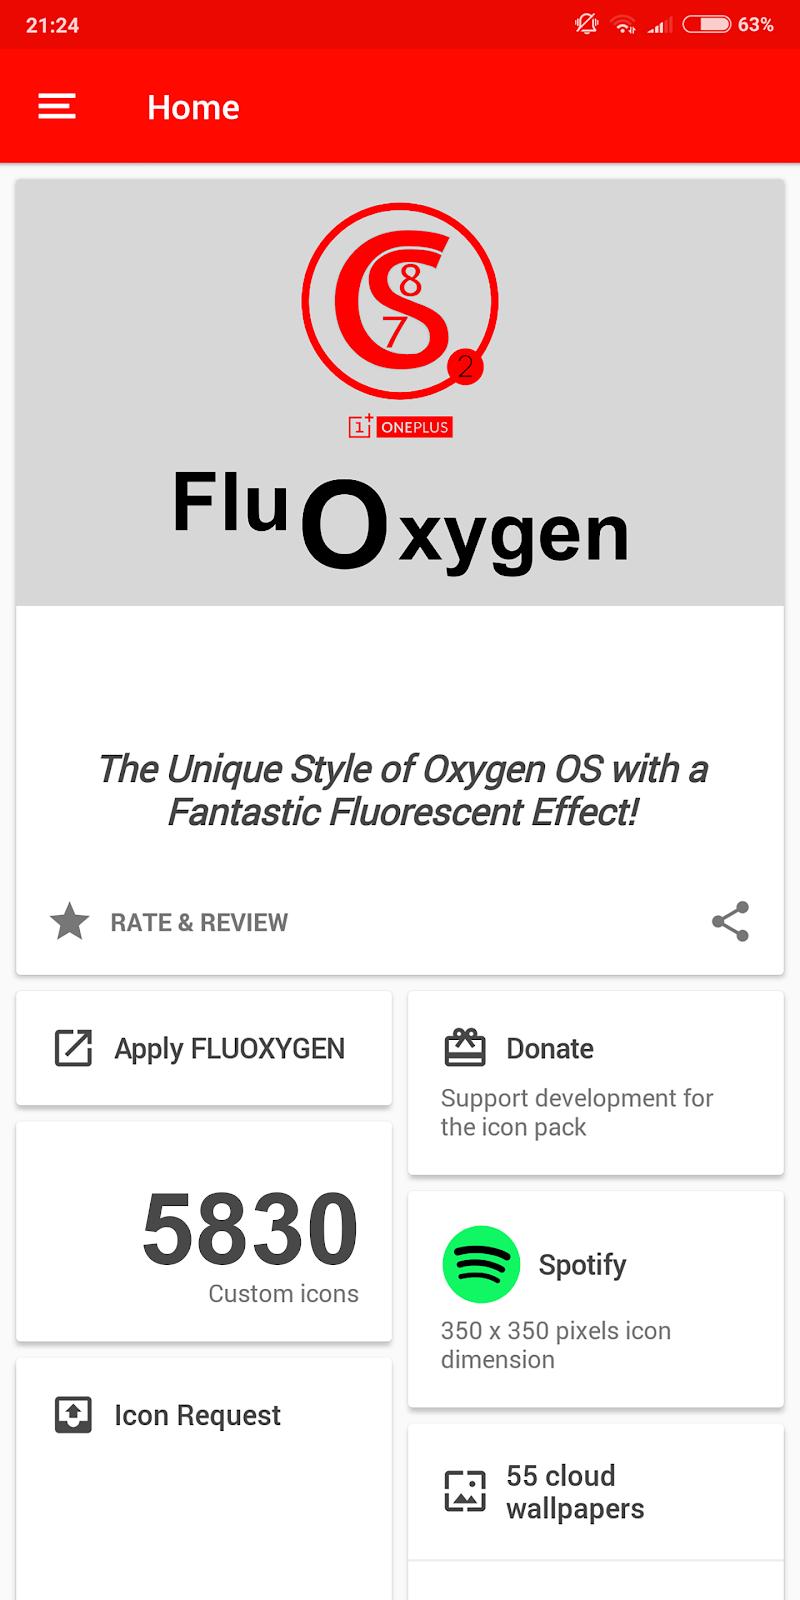 FLUOXYGEN - ICON PACK Screenshot 7